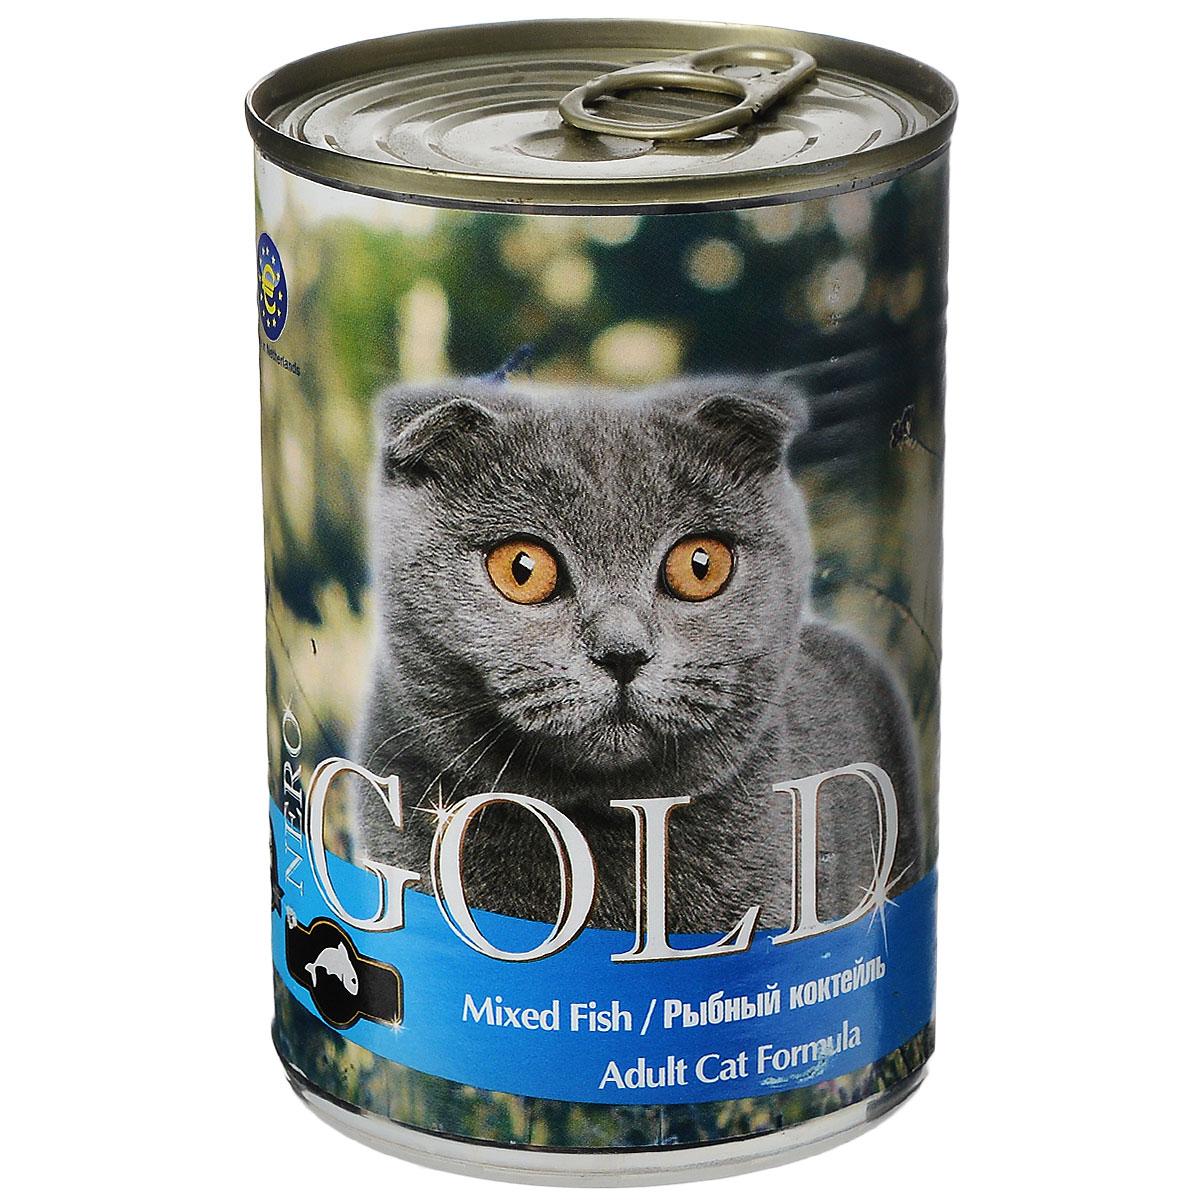 Консервы для кошек Nero Gold, рыбный коктейль, 410 г20254Консервы для кошек Nero Gold - полнорационный продукт, содержащий все необходимые витамины и минералы, сбалансированный для поддержания оптимального здоровья вашего питомца! Состав: мясо и его производные, филе курицы, филе рыбы, злаки, витамины и минералы. Гарантированный анализ: белки 6%, жиры 4,5%, клетчатка 0,5%, зола 2%, влага 81%. Пищевые добавки на 1 кг продукта: витамин А 1600 МЕ, витамин D 140 МЕ, витамин Е 10 МЕ, таурин 300 мг, железо 24 мг, марганец 6 мг, цинк 15 мг, медь 1 мг, магний 200 мг, йод 0,3 мг, селен 0,2 мг. Вес: 410 г. Товар сертифицирован.